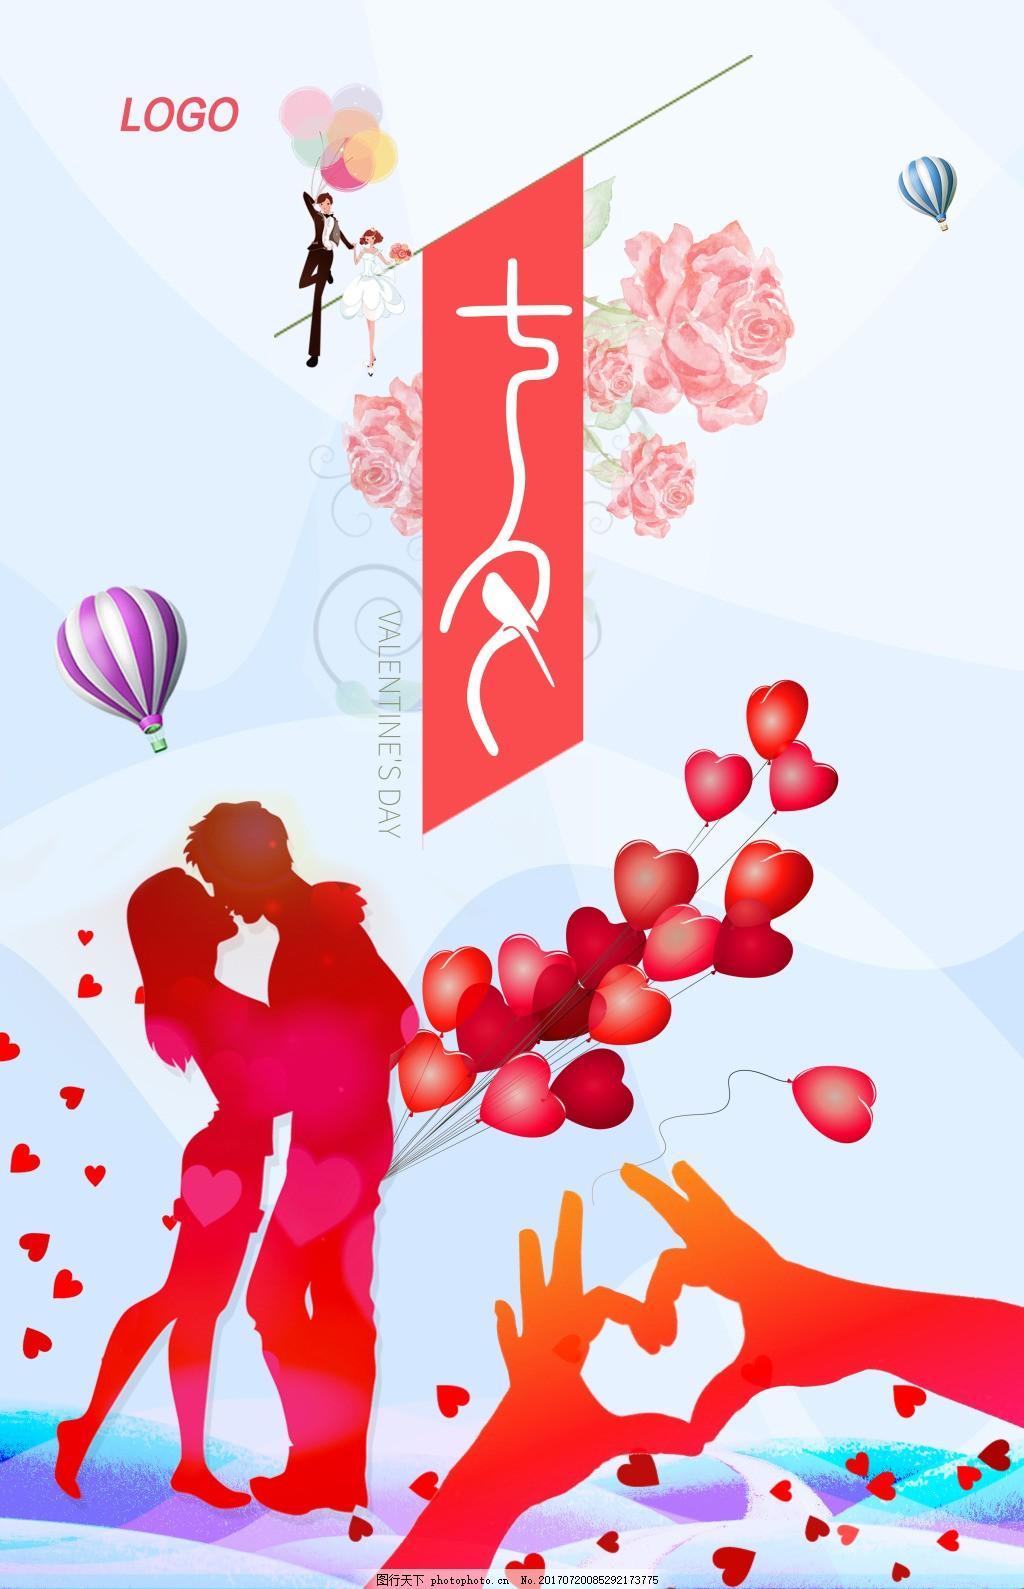 创意浪漫七夕情人节海报宣传 七夕促销 七夕主题 七夕背景 七夕图片